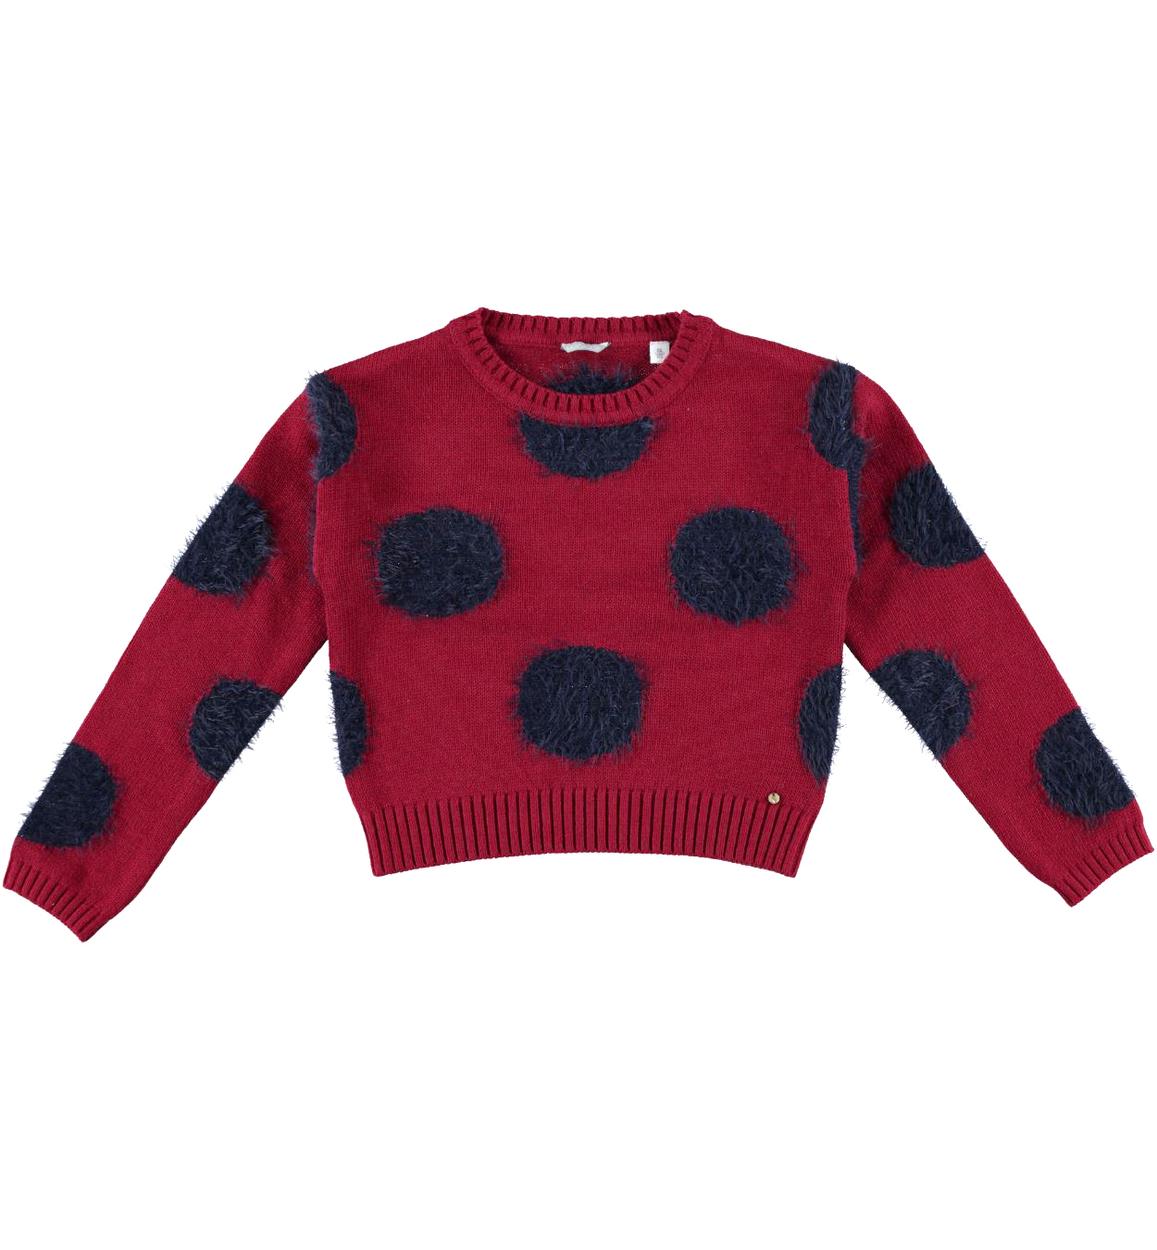 Versatile e comoda maglia corta a pois per bambina da 6 a 16 anni Sarabanda db532a7f7c3